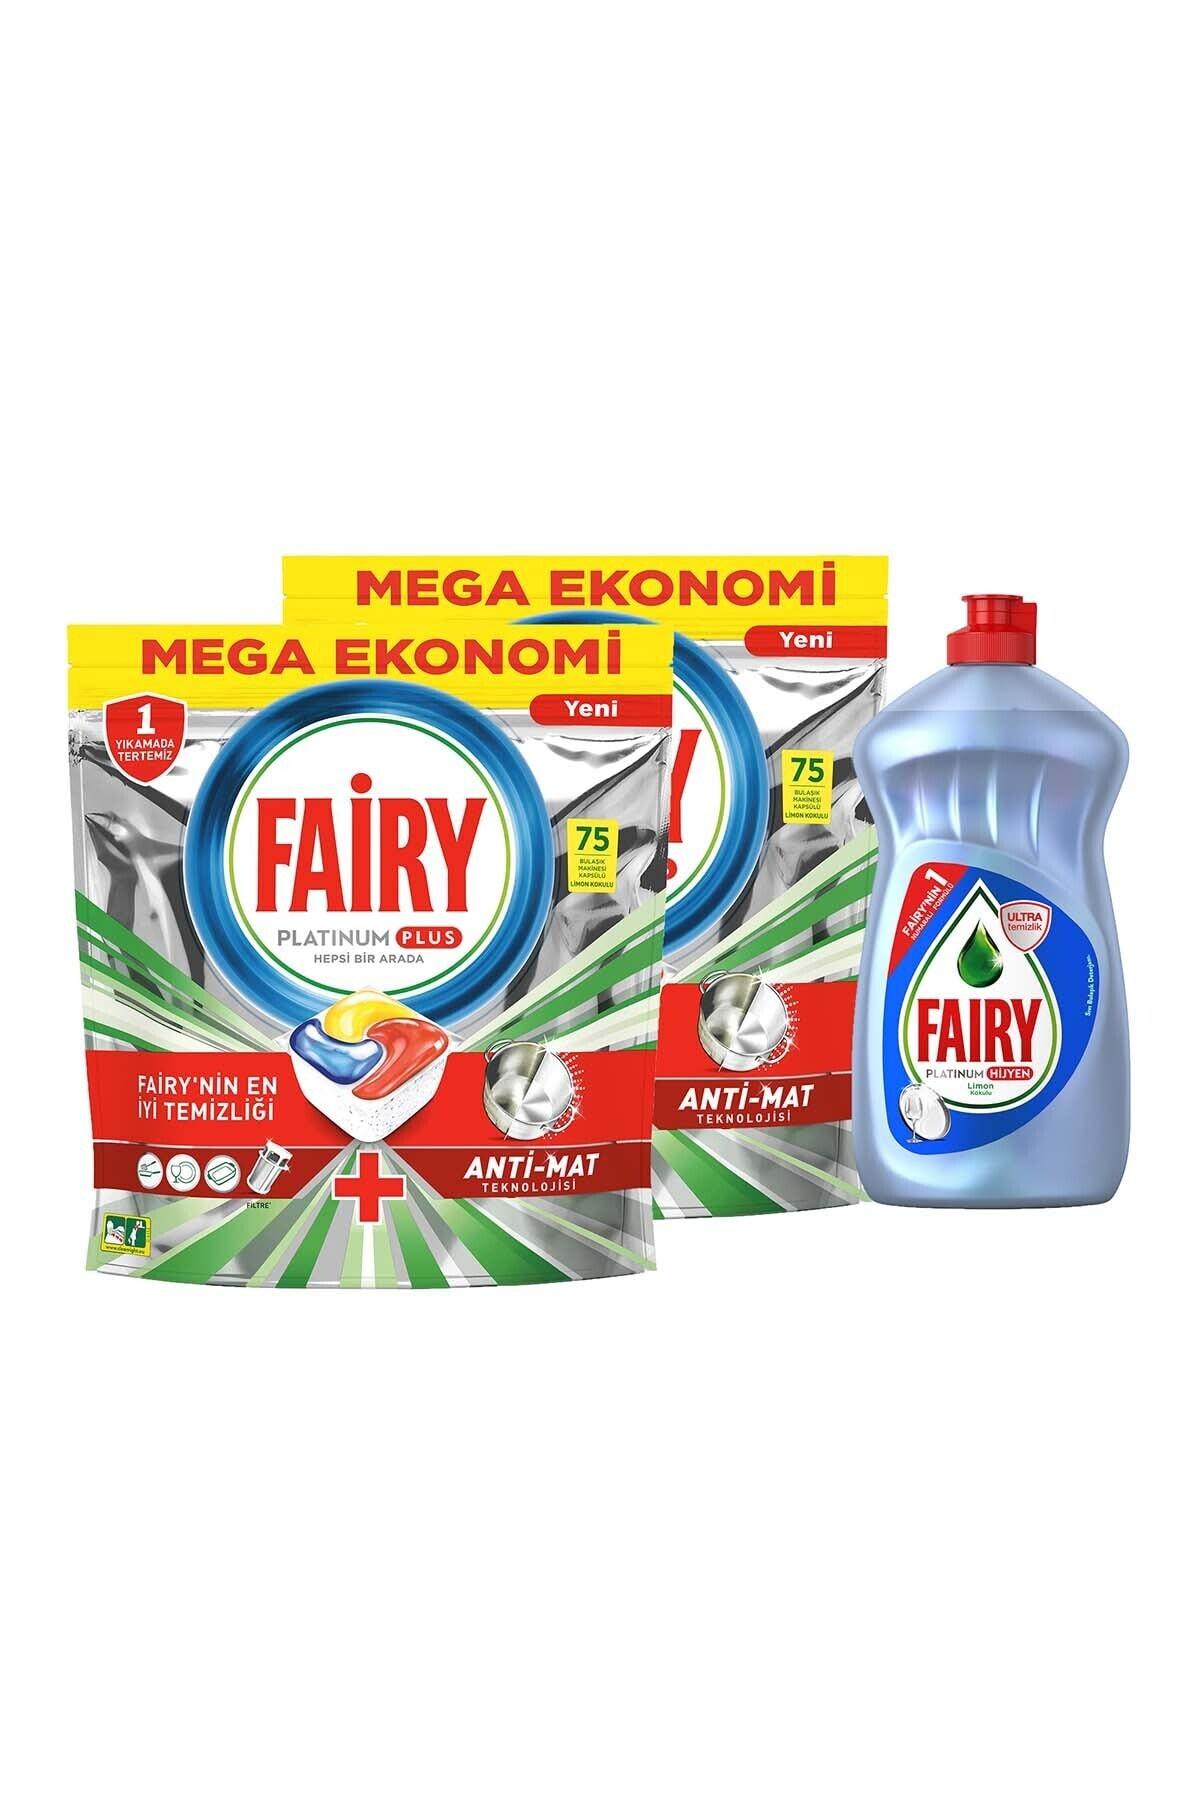 Fairy Platinum Plus 150 Kapsül Bulaşık Makinesi Deterjanı + 500 ml Elde Bulaşık Deterjanı Hijyen 2